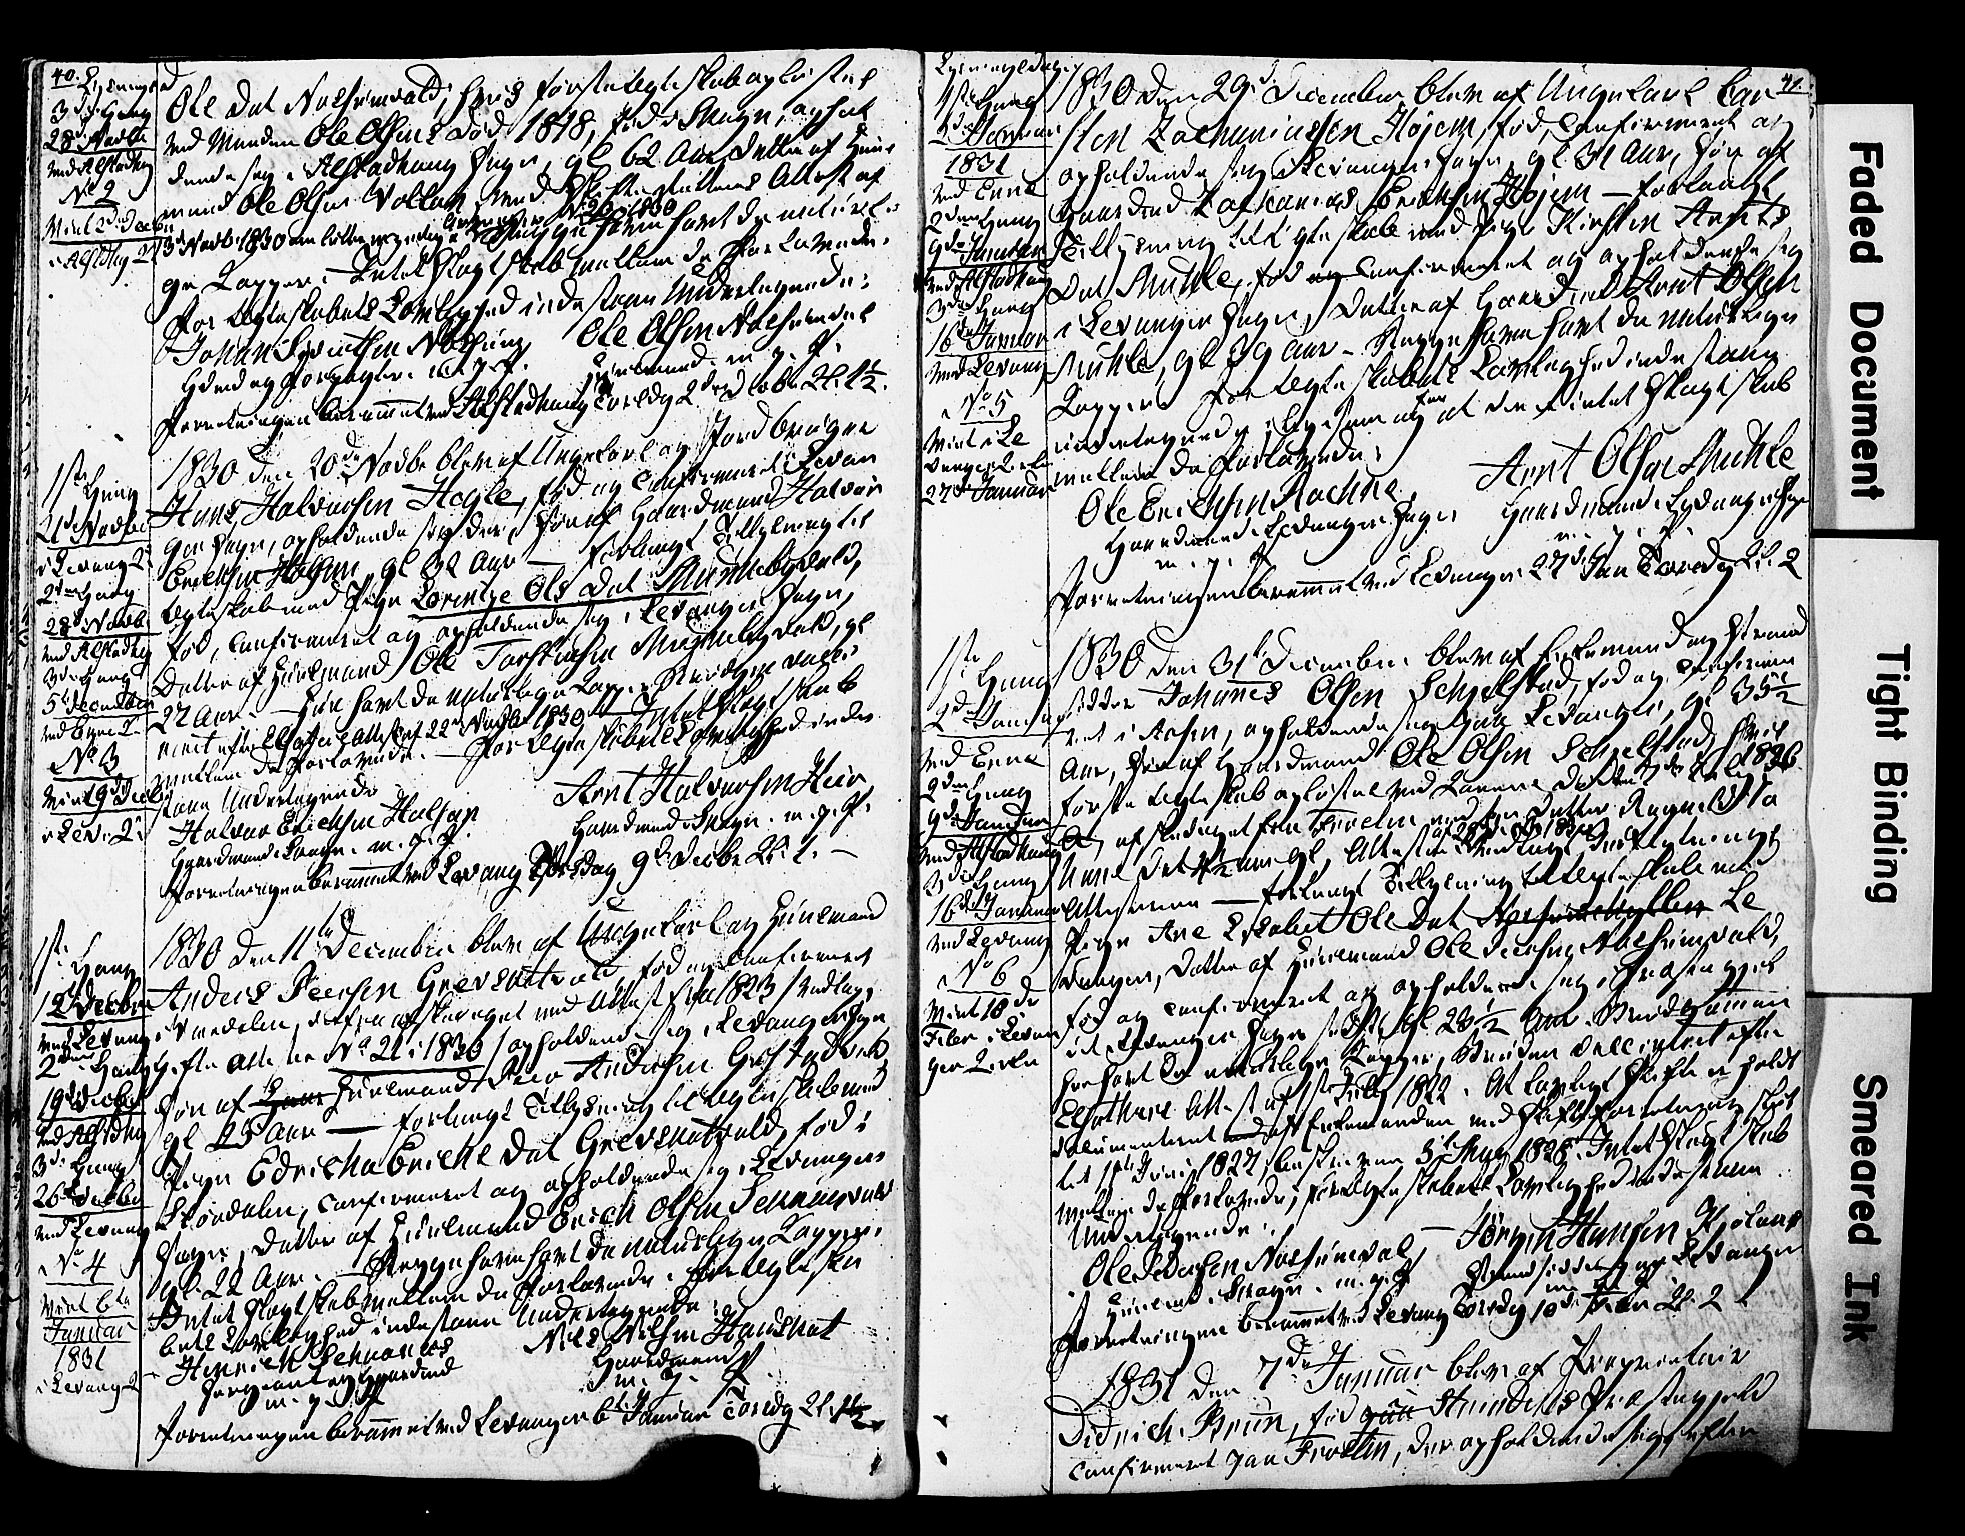 SAT, Ministerialprotokoller, klokkerbøker og fødselsregistre - Nord-Trøndelag, 717/L0160: Forlovererklæringer nr. 717A10, 1828-1850, s. 40-41